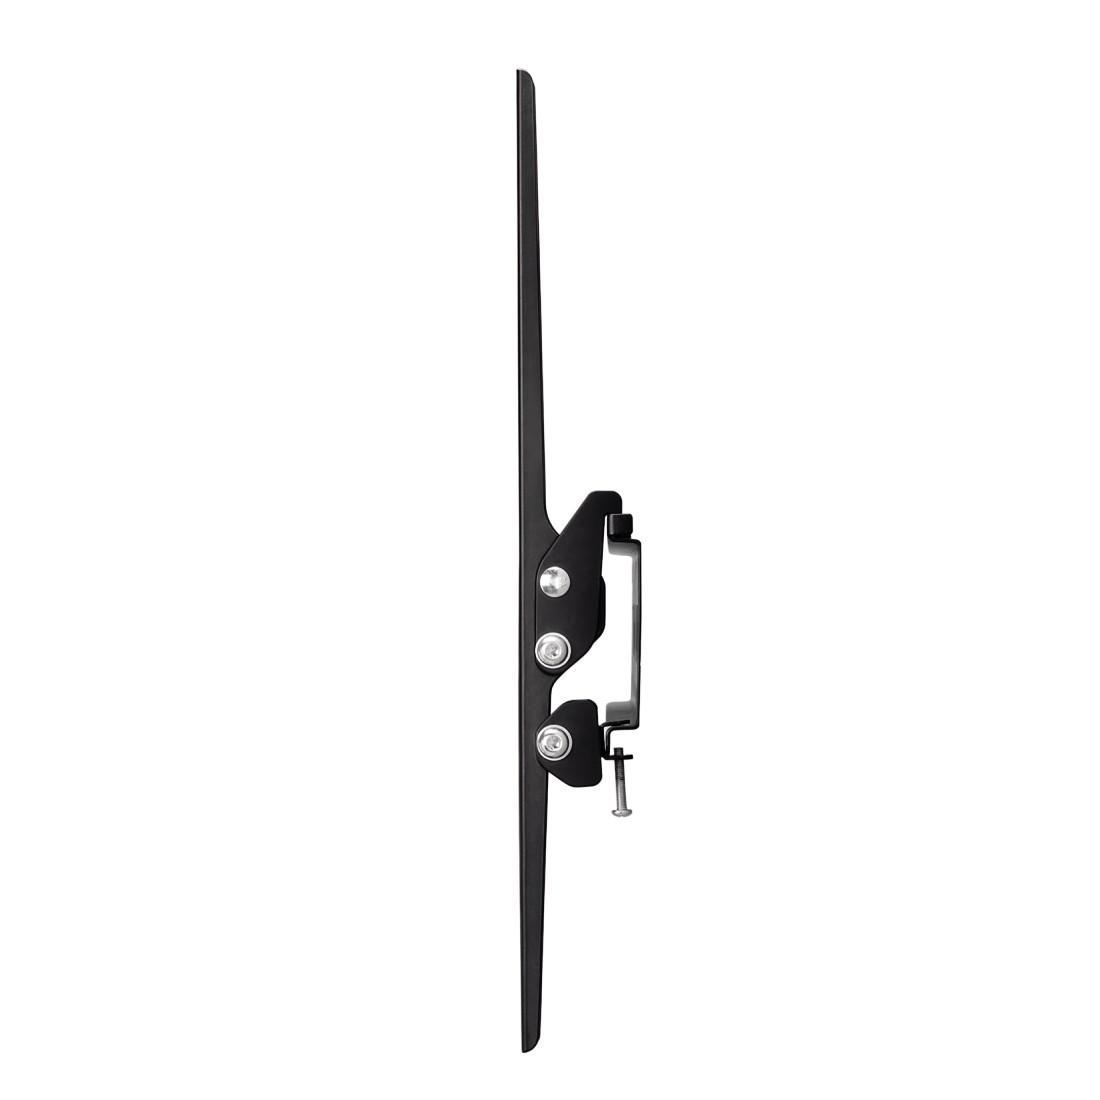 Стенна стойка за TV HAMA 108719, Регулируема, 37-75, 60 кг, Черна-4